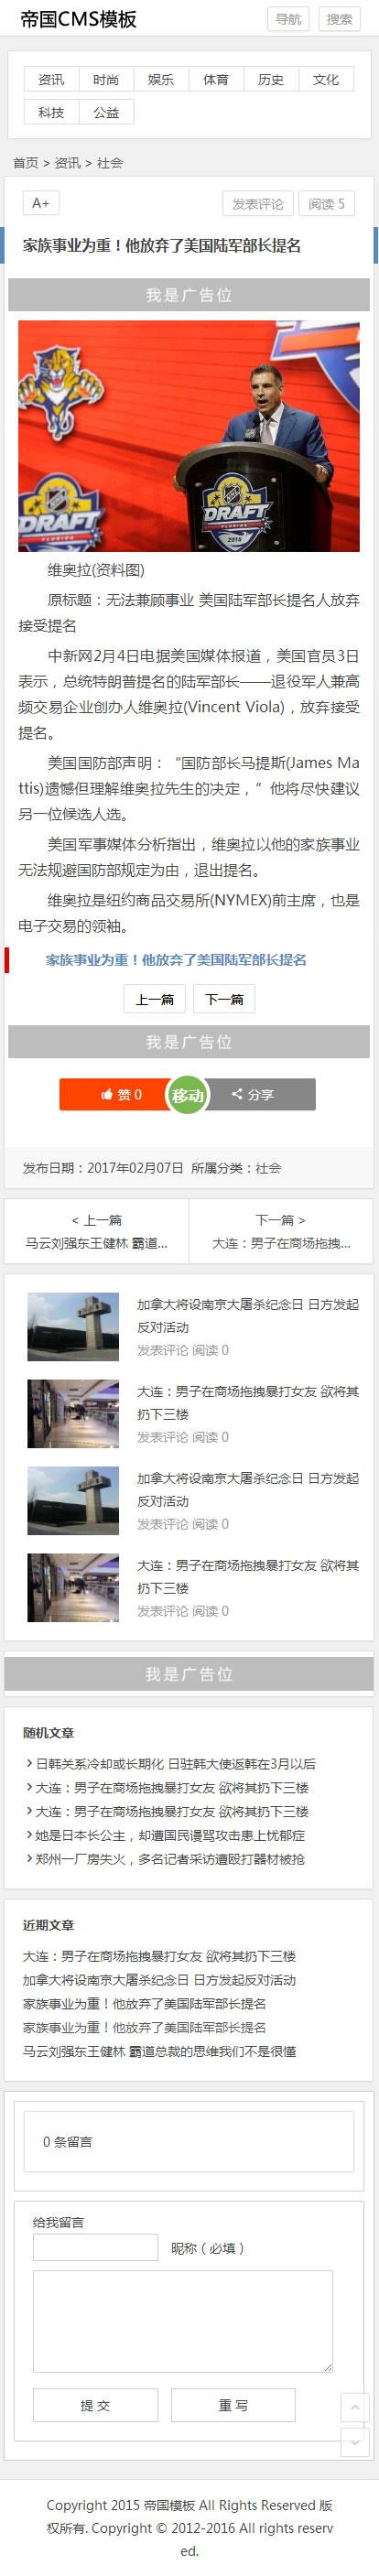 大气简洁线条帝国cms新闻博客资讯类网站模板_手机版内容页模板